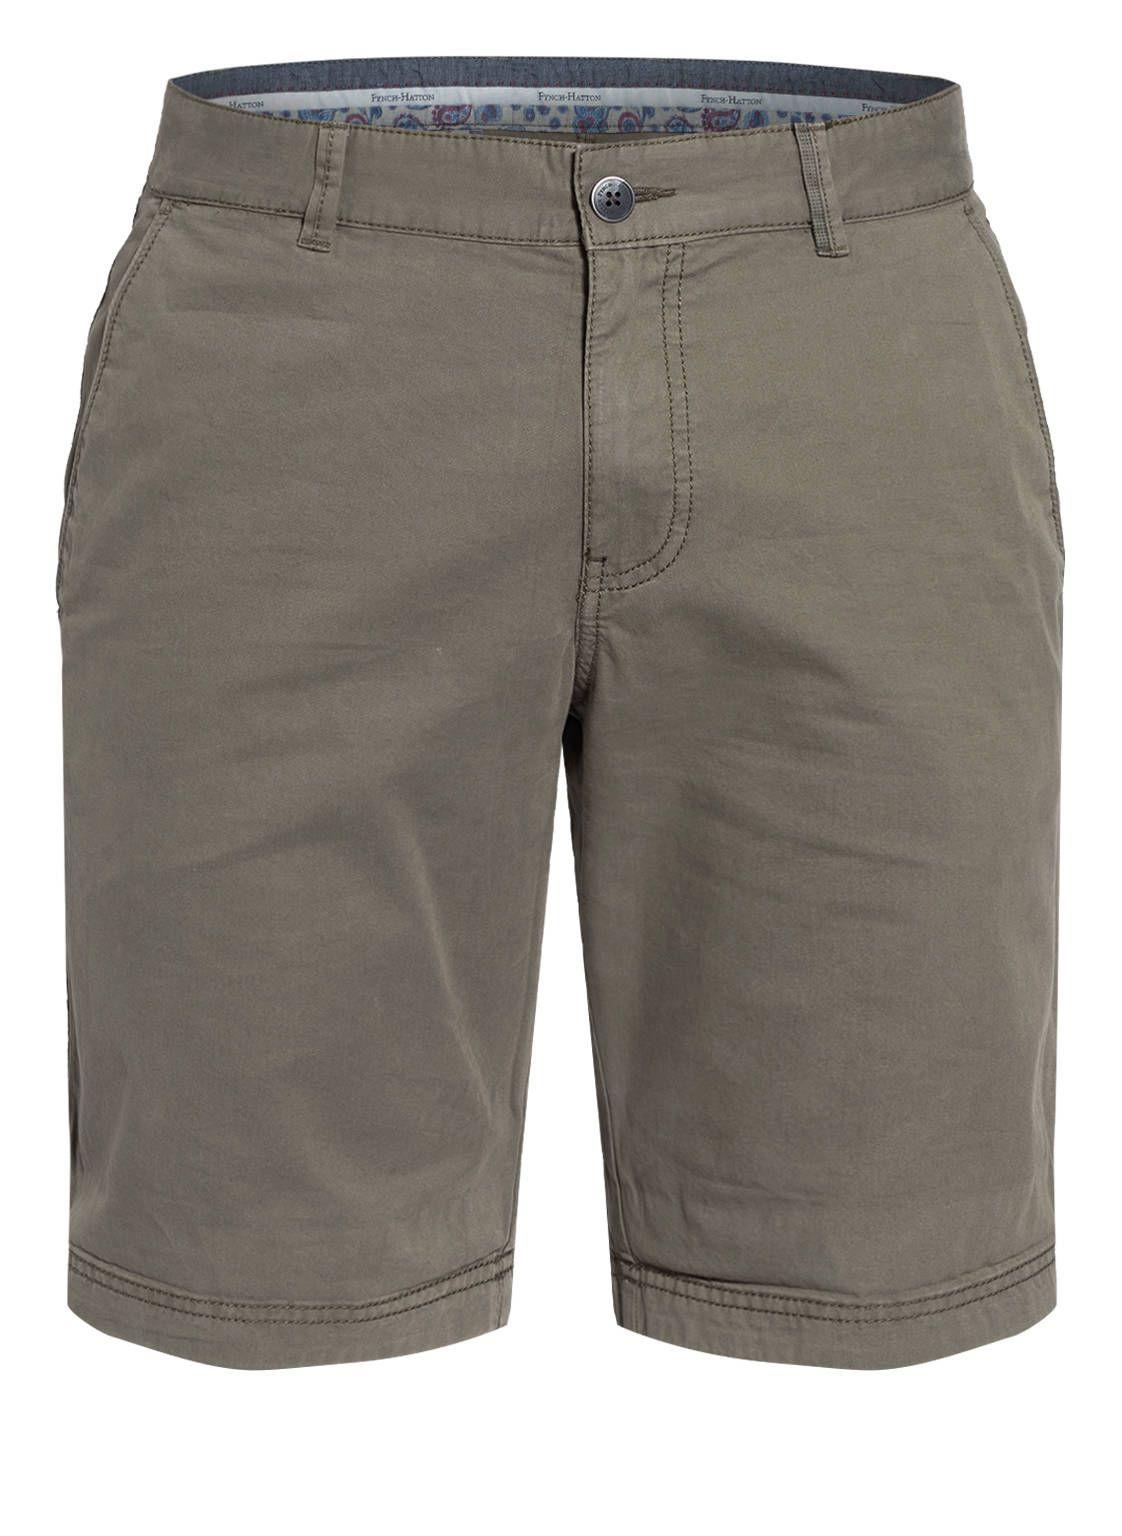 Chino-Shorts Casual Fit von FYNCH-HATTON bei Breuninger kaufen